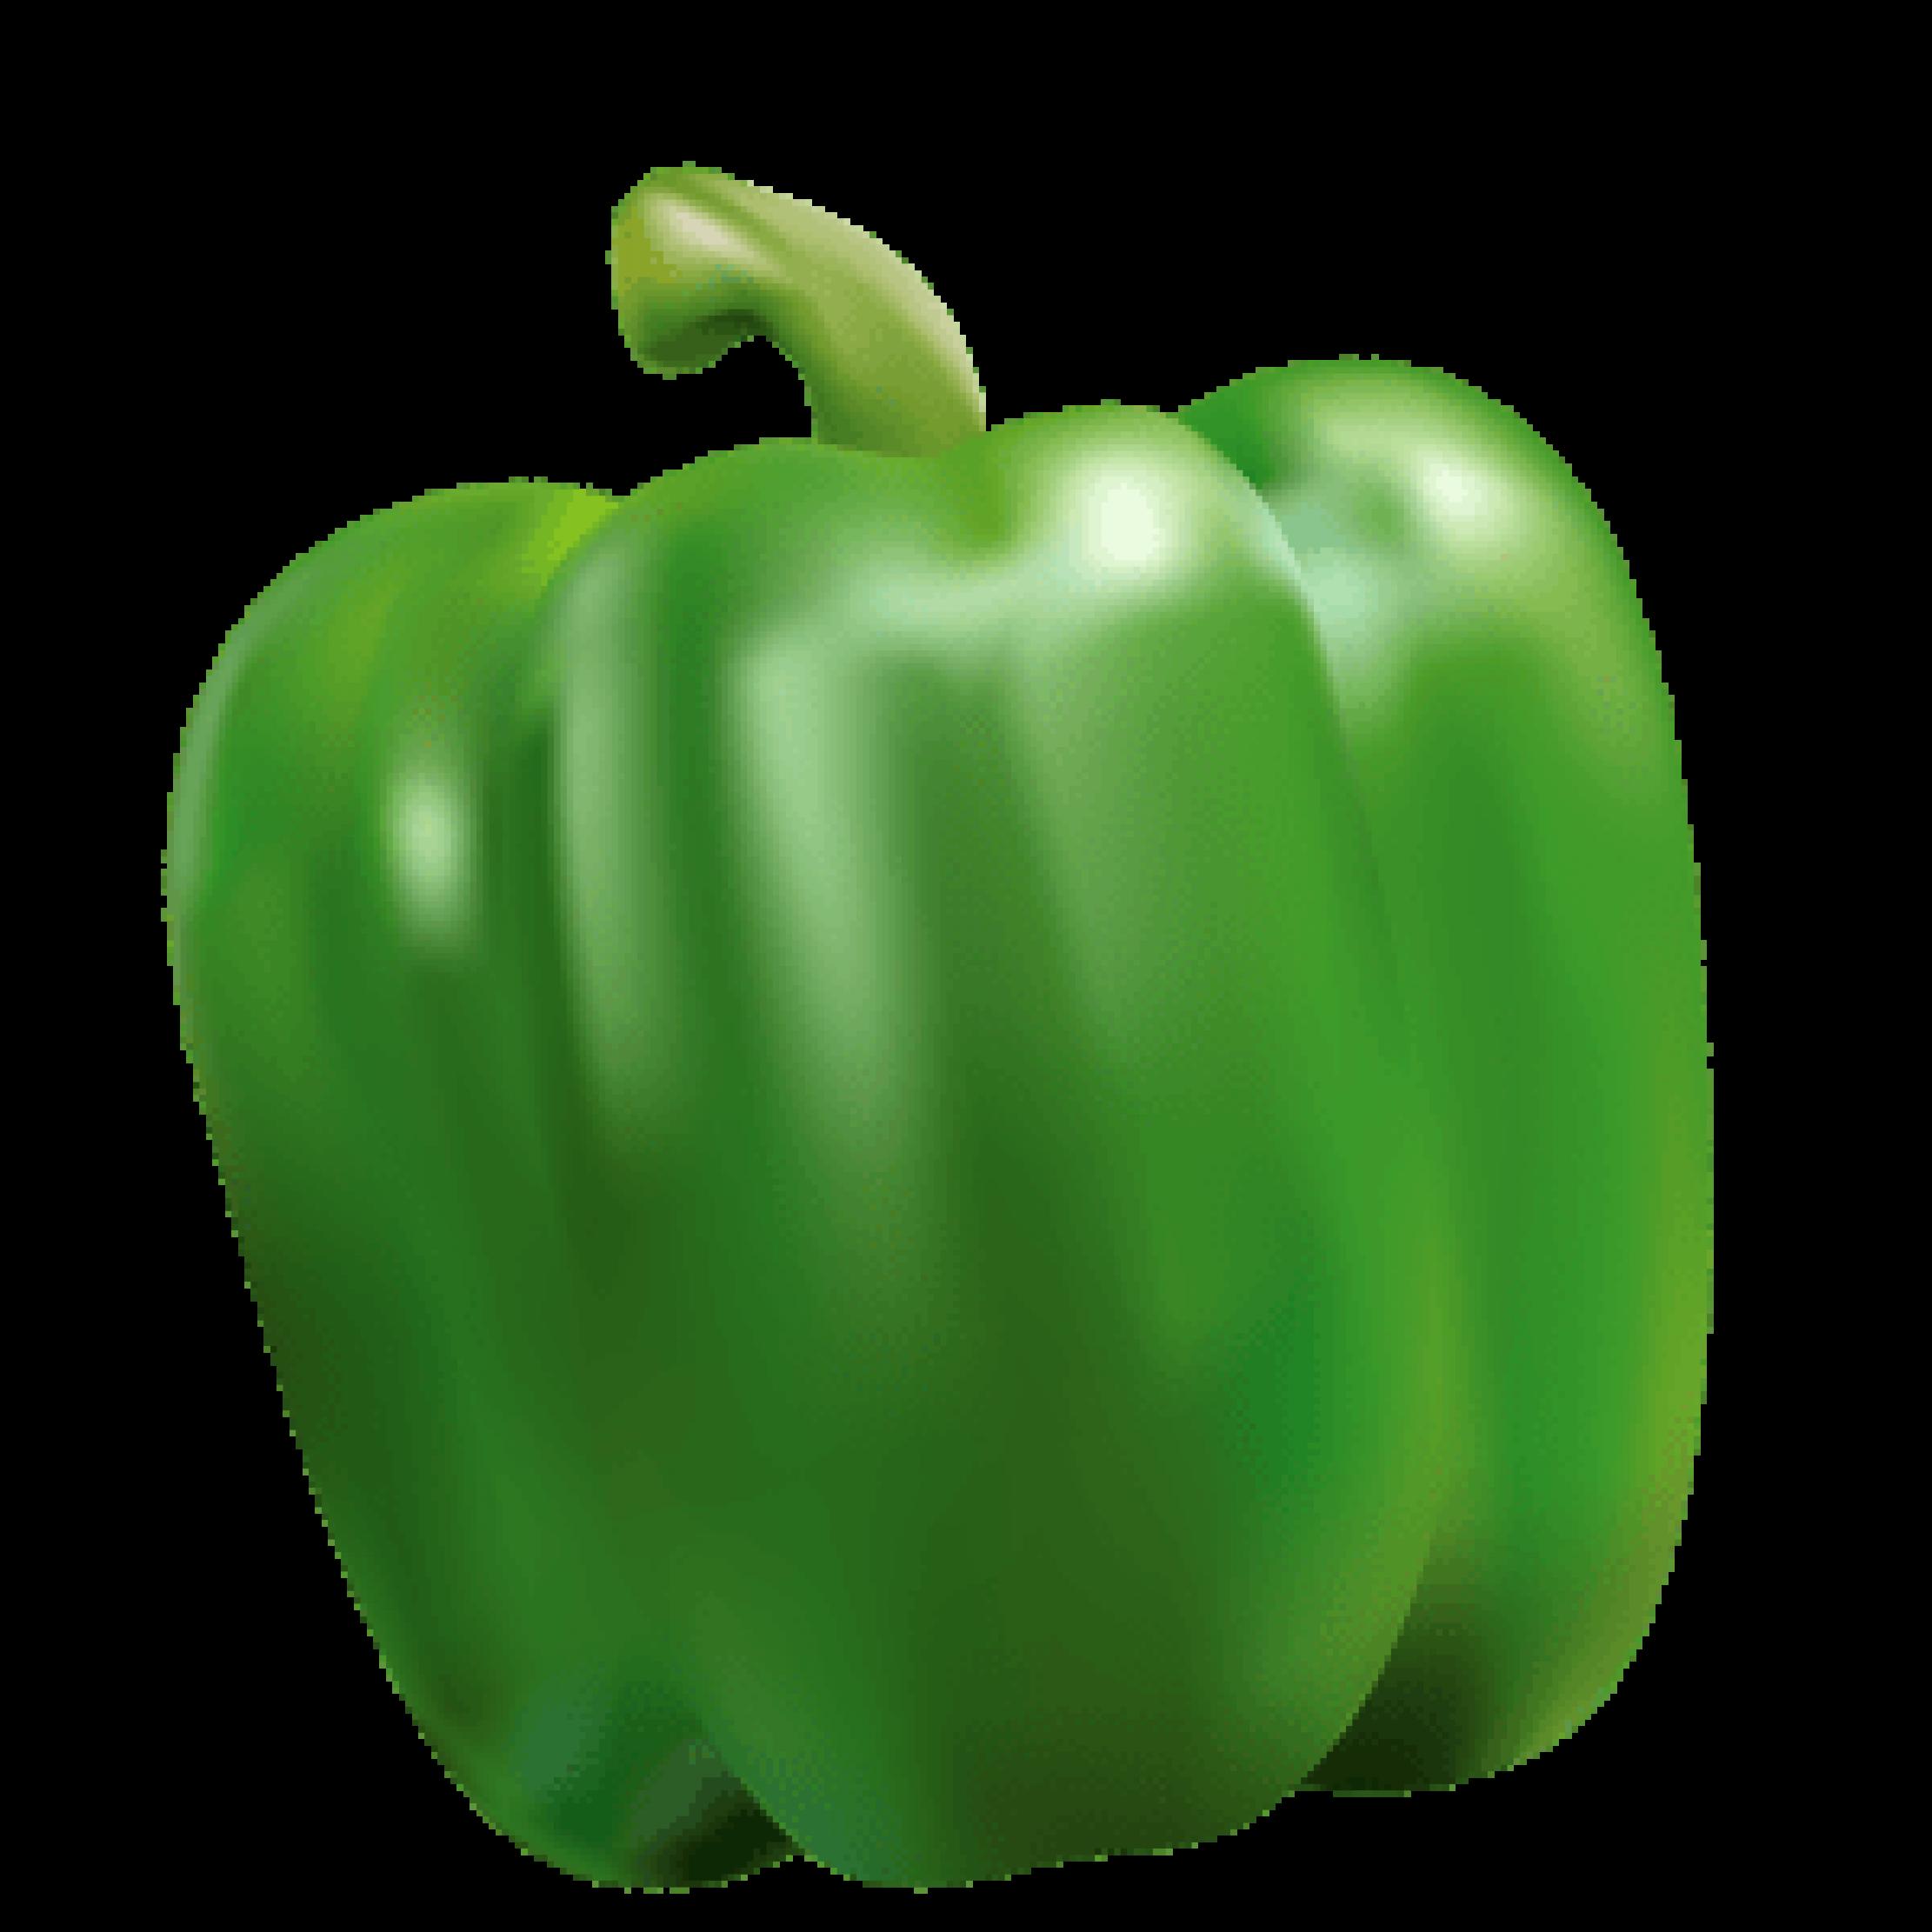 رومى اخضر